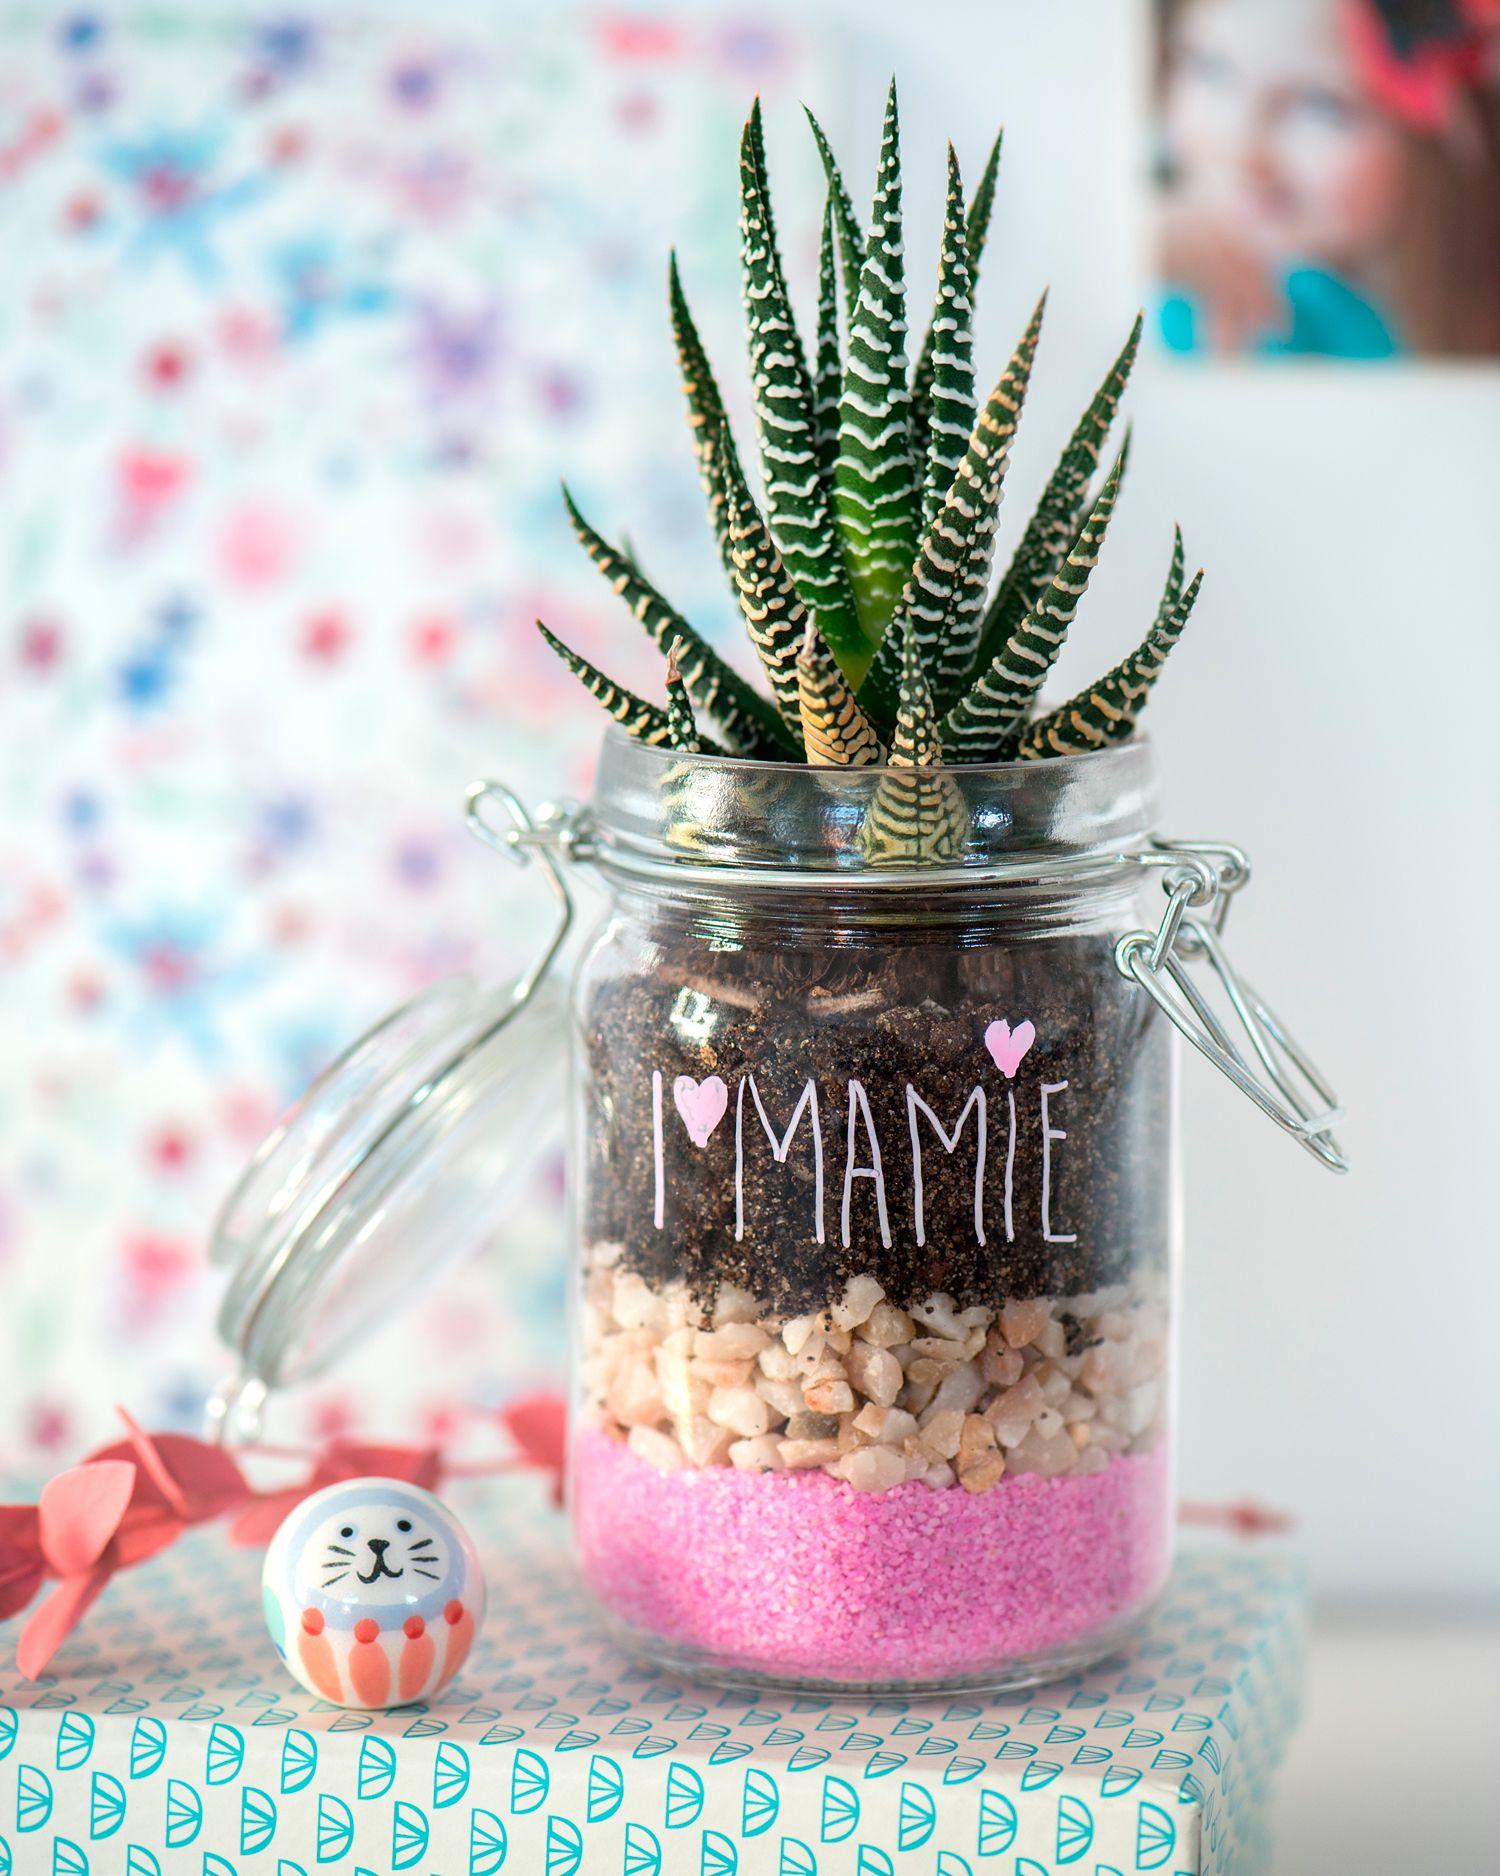 Bonne Fete Mamie Cadeau Fete Des Meres Bricolage Idee Cadeau Maitresse Cadeau Fete Des Meres